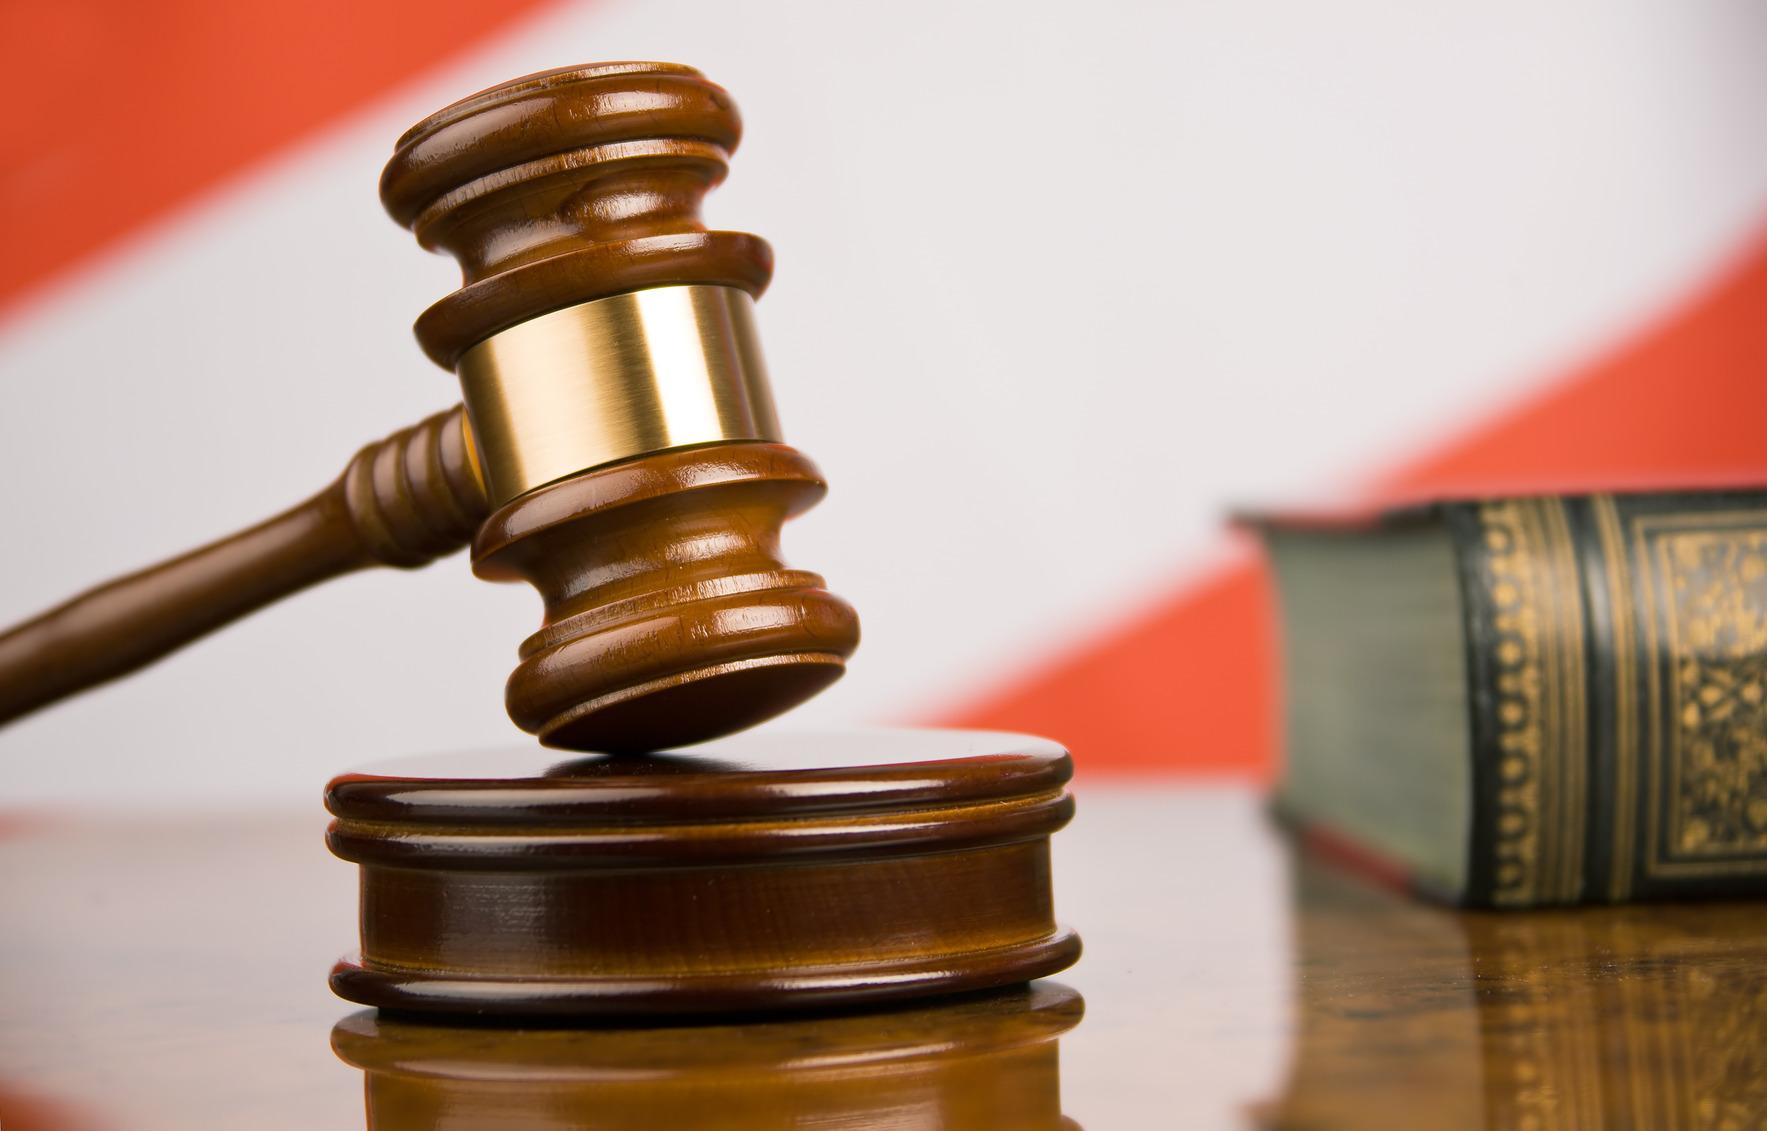 Жители Новгородской области всё чаще оспаривают в суде нормативные акты